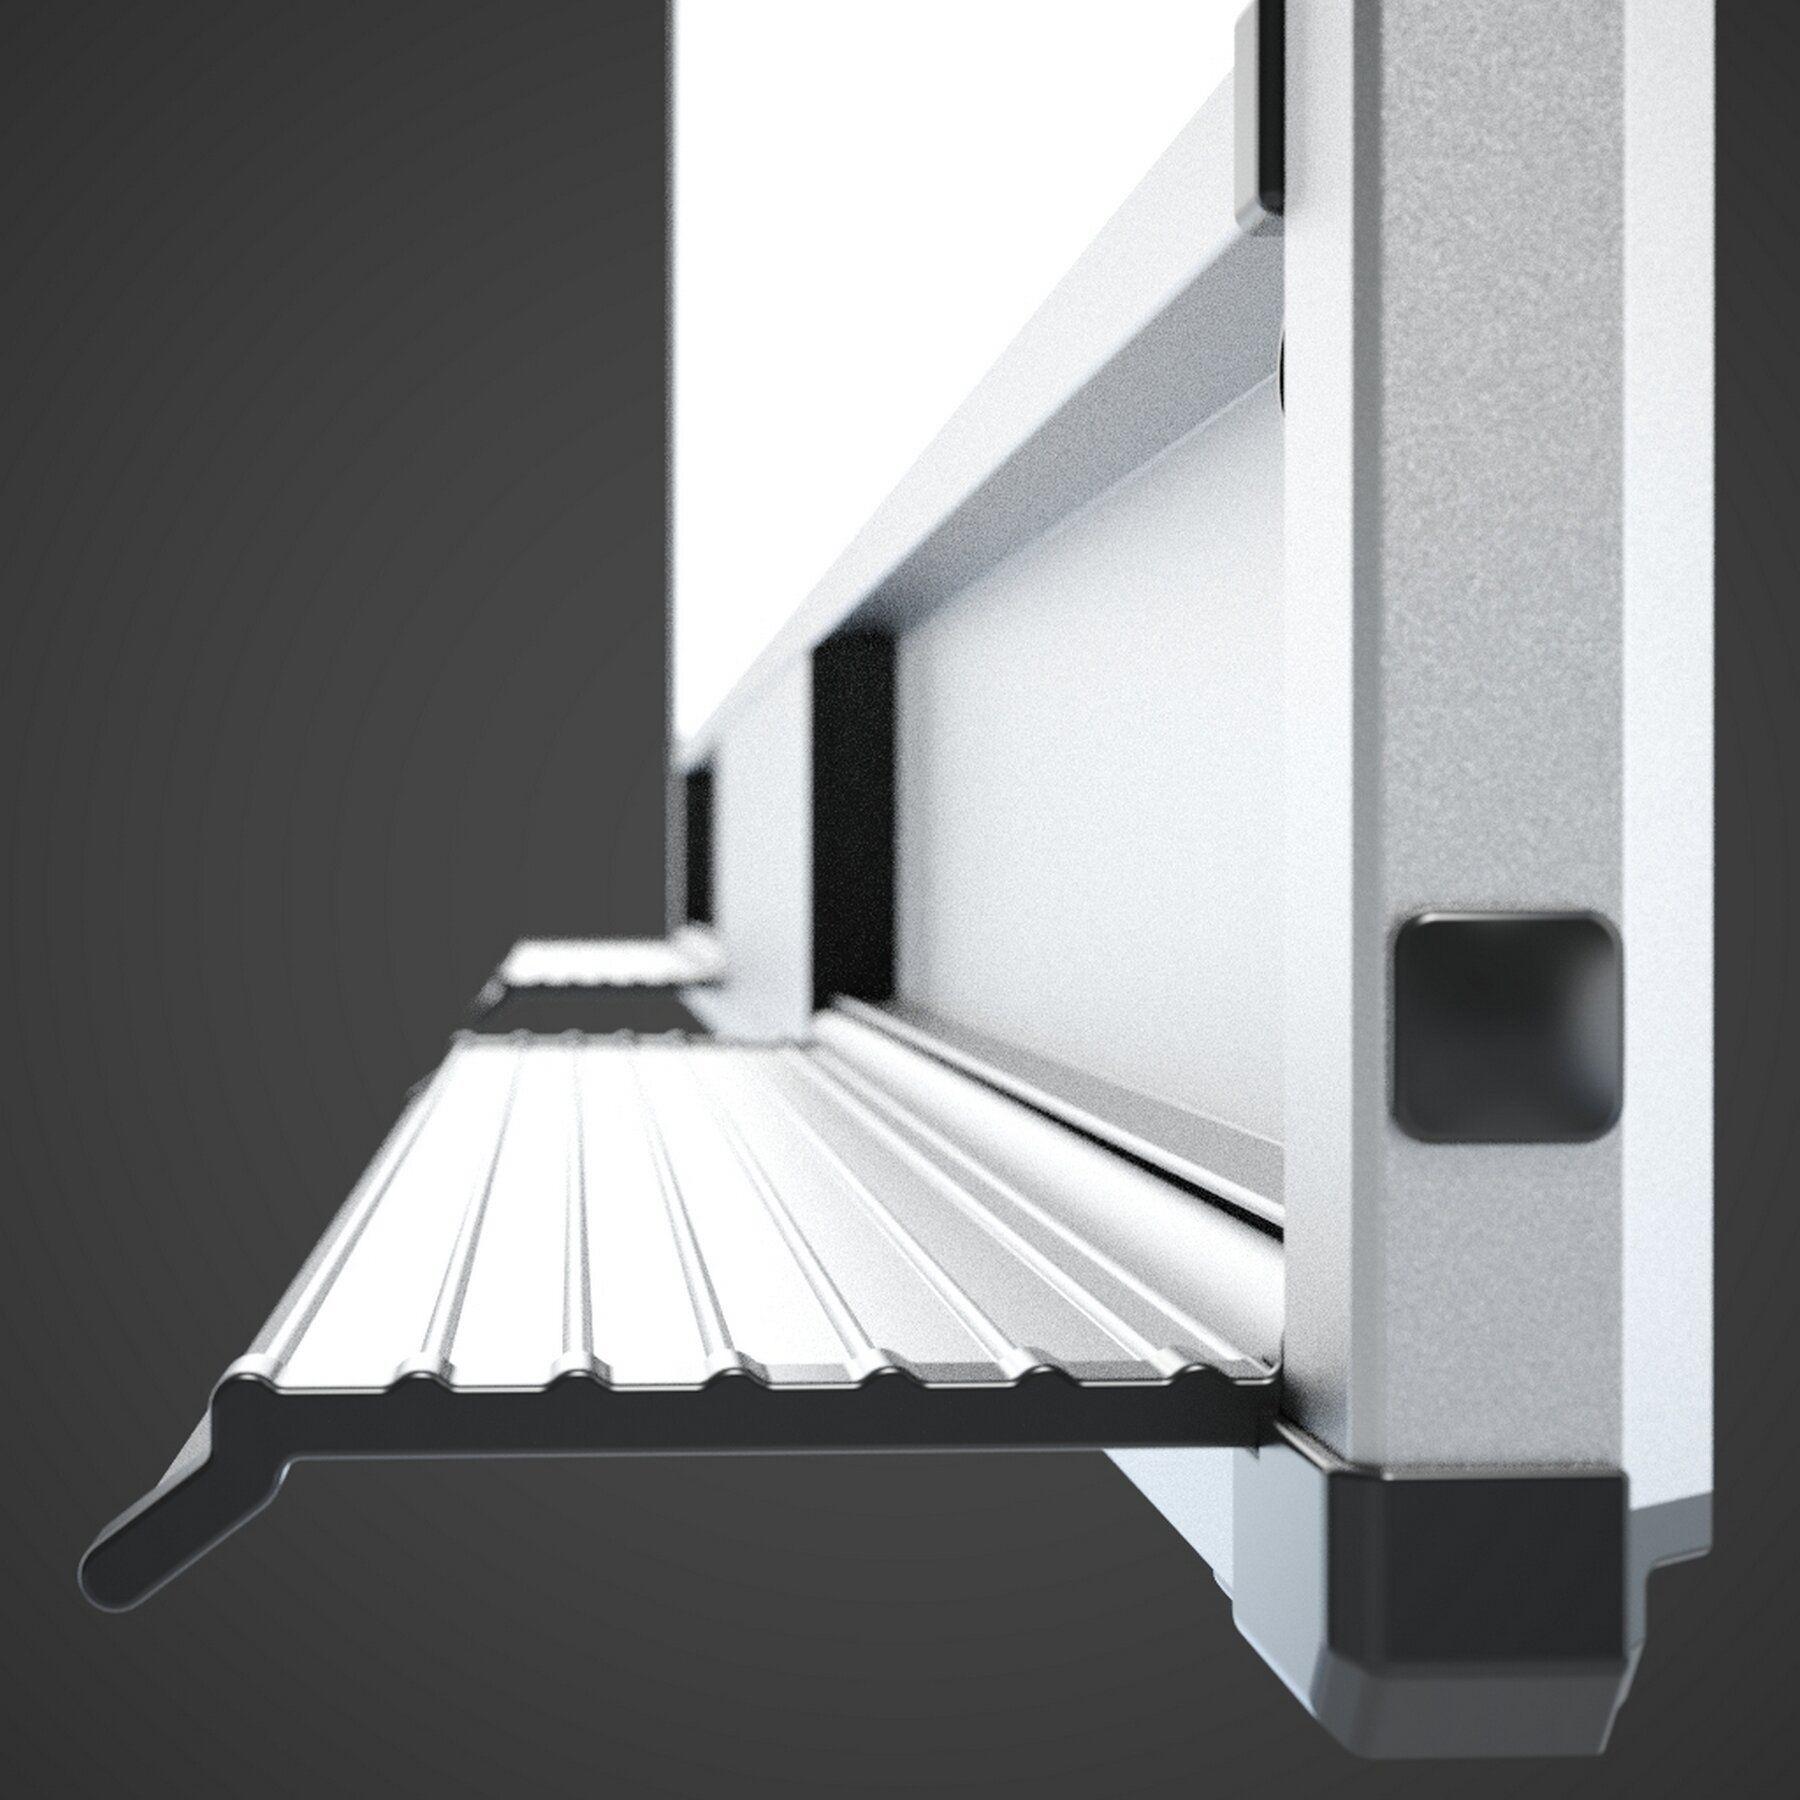 Доска белая магнитная сухостираемая StarBoard 60*90см., алюминиевая рамка, лак 2x3 - фото 7